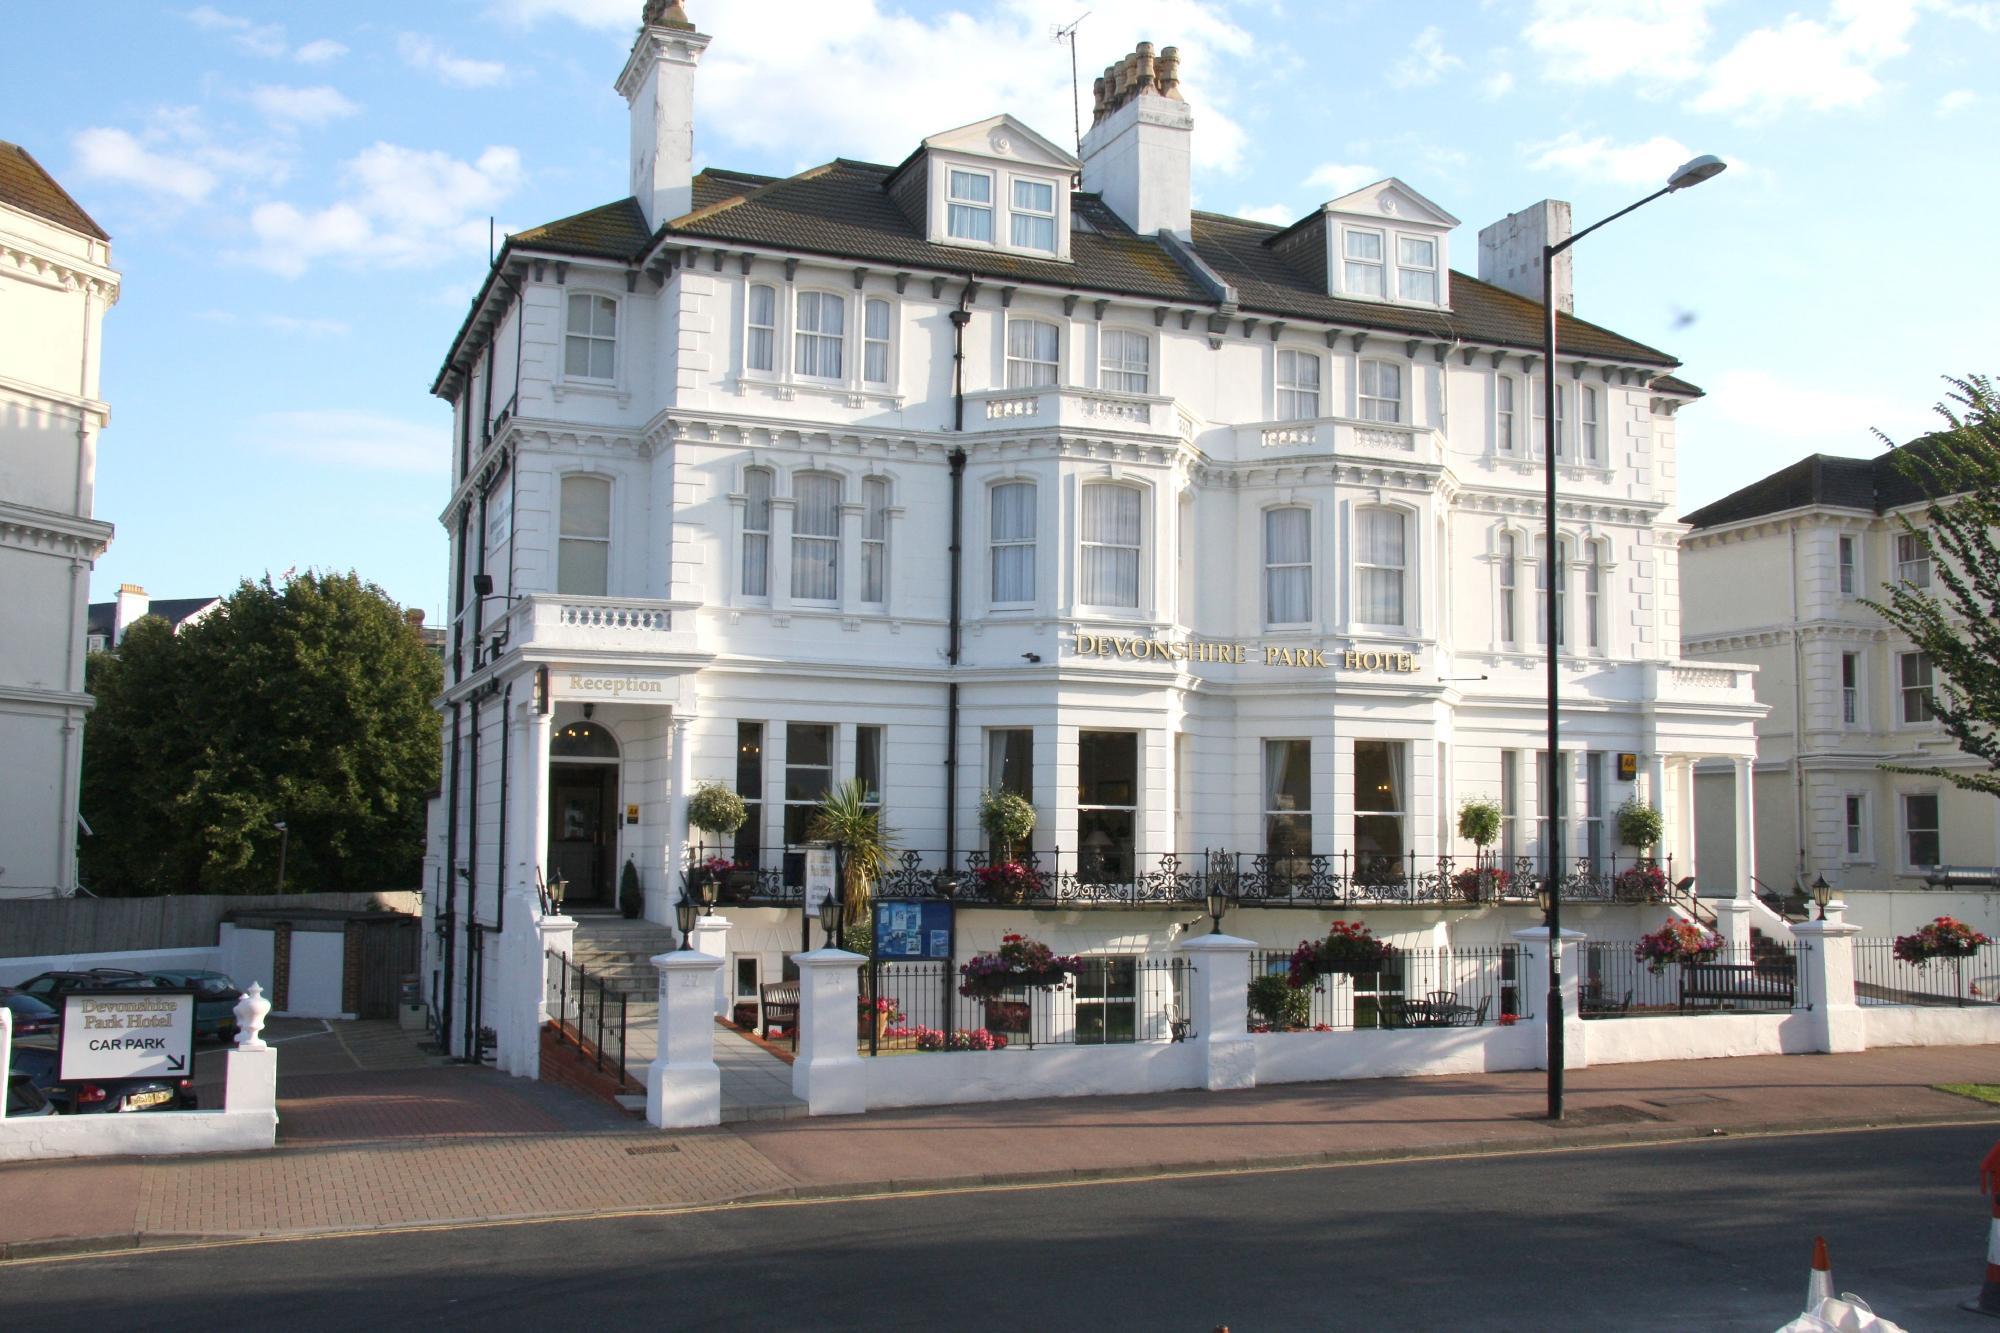 The Devonshire Park Hotel Eastbourne